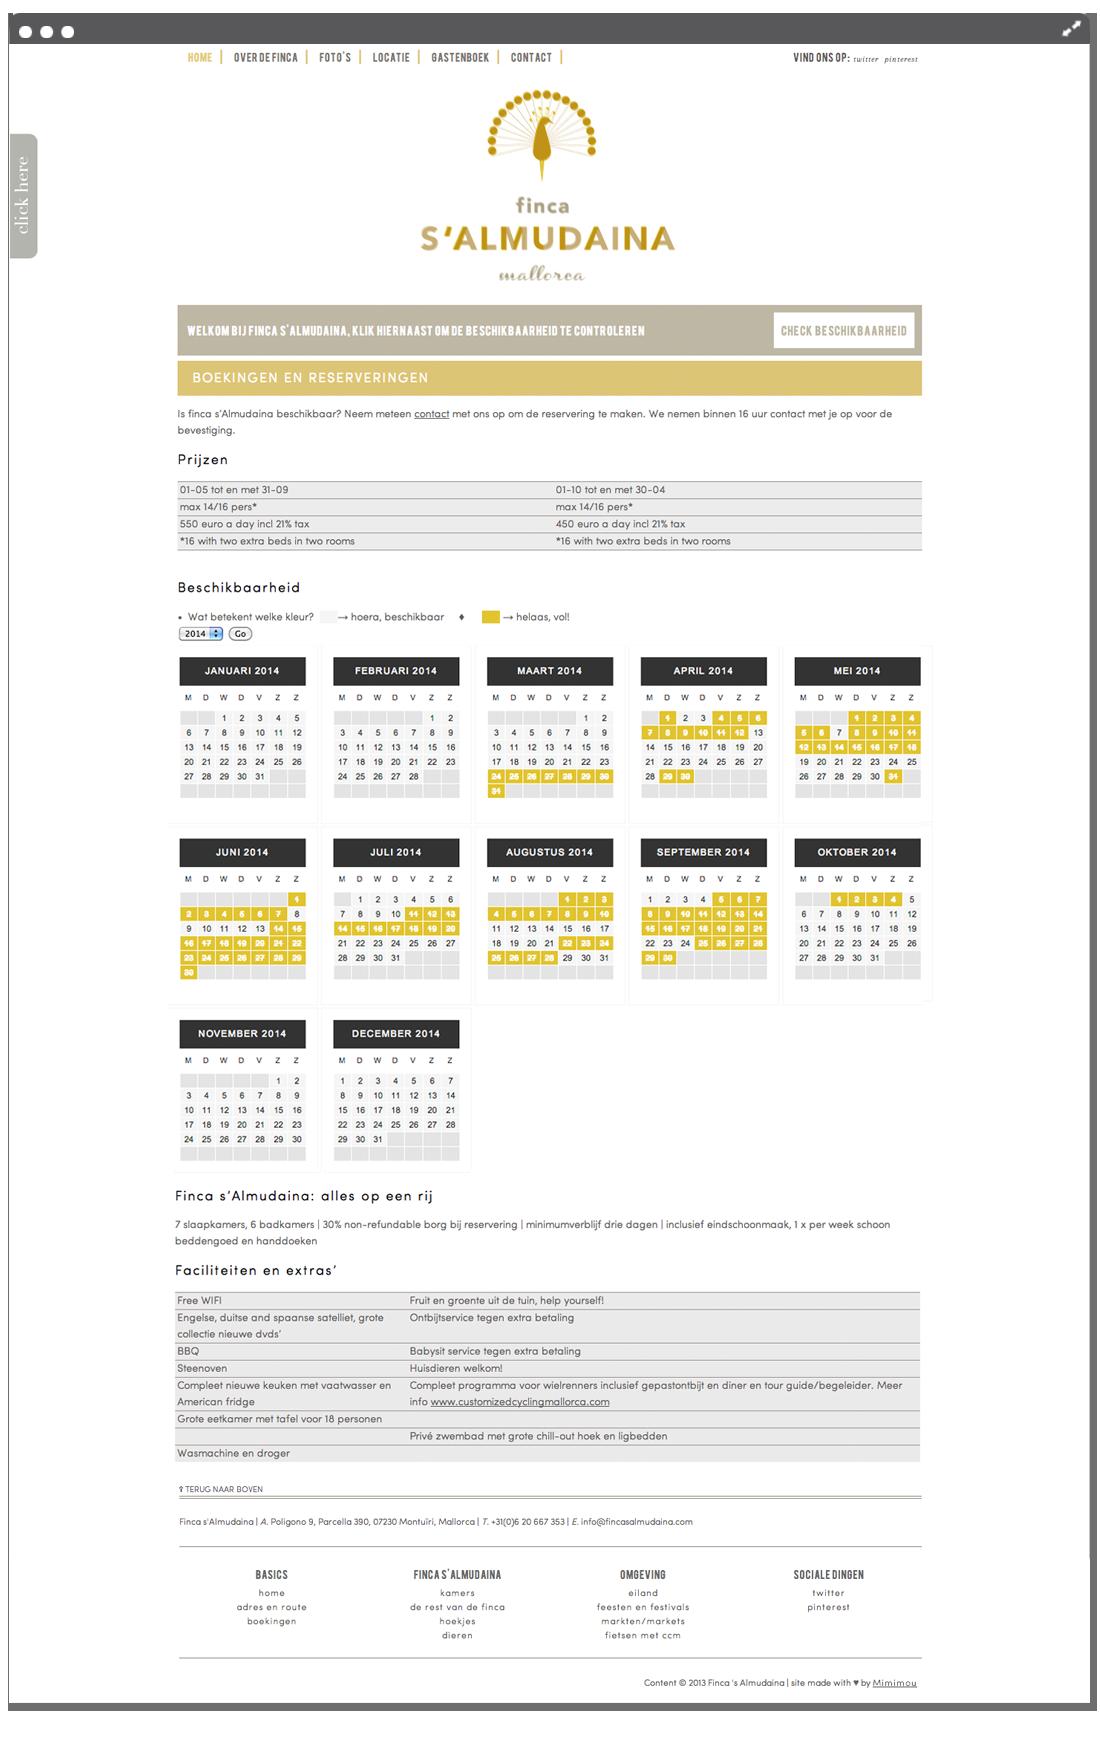 Website finca beschikbaarheid